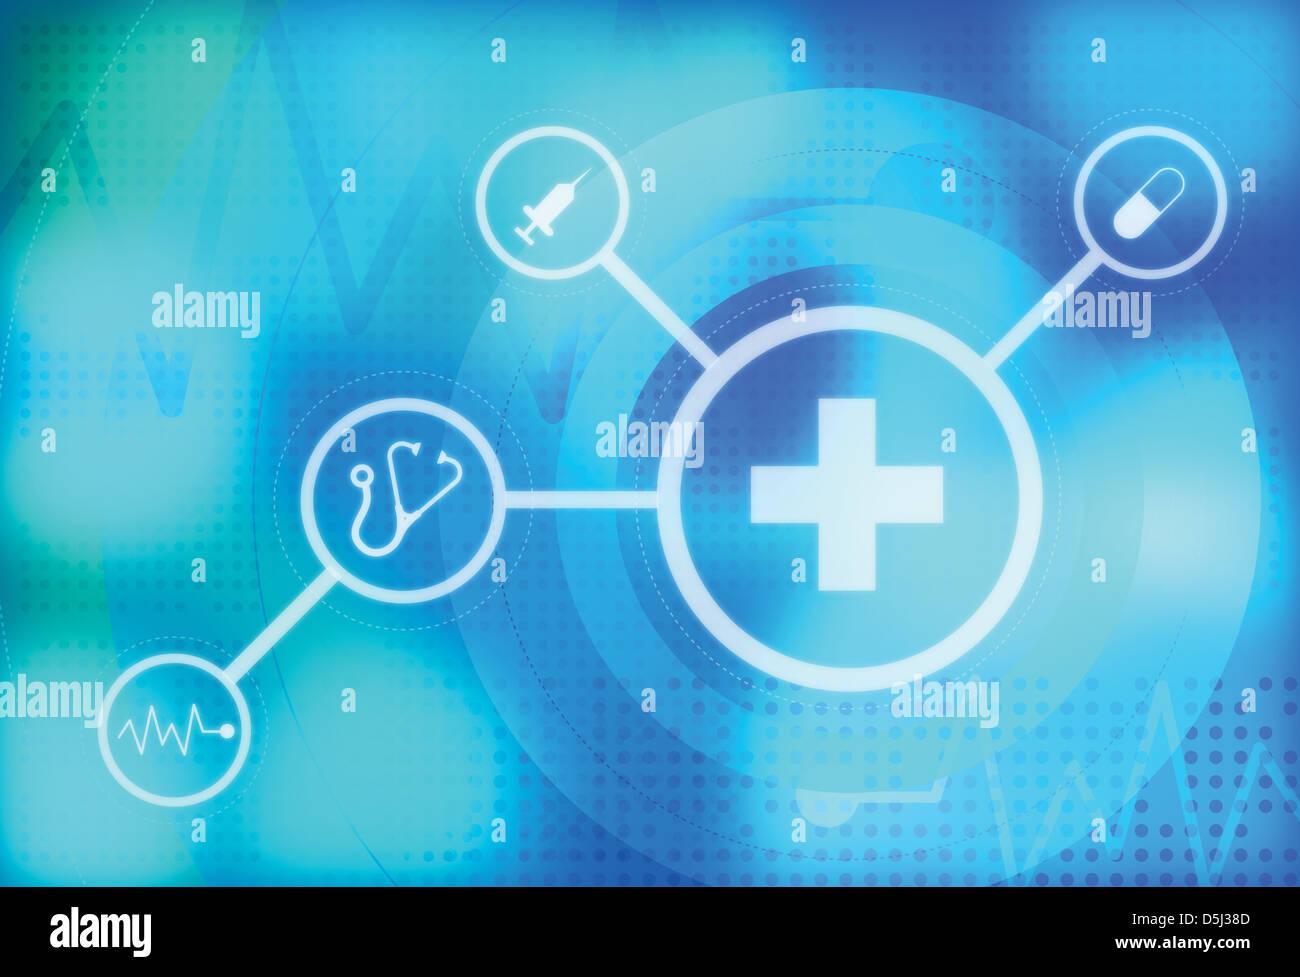 Image d'illustration des signes médicaux représentant healthcare Photo Stock